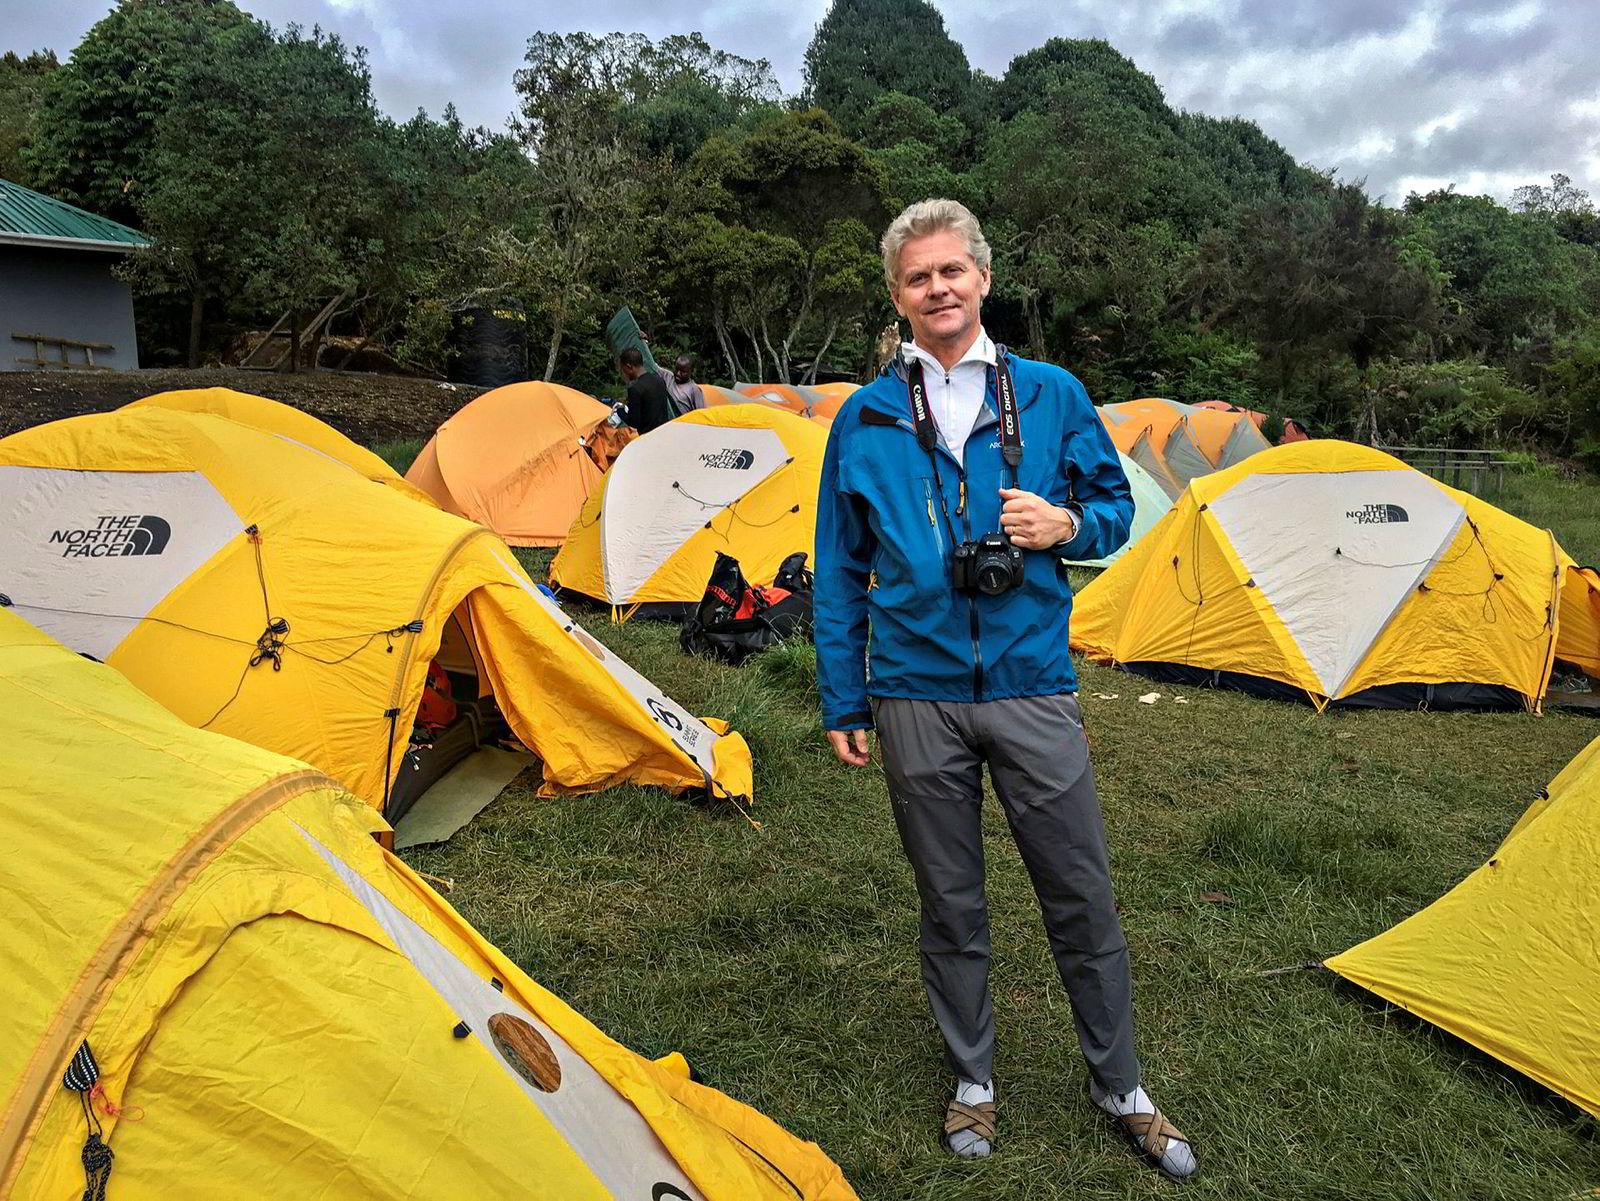 Atle Sigmundstad drømte om å ta med familien til Kilimanjaro. Han fikk med seg datteren på det som ble hans siste tur. Han døde på vei ned fra fjellet.